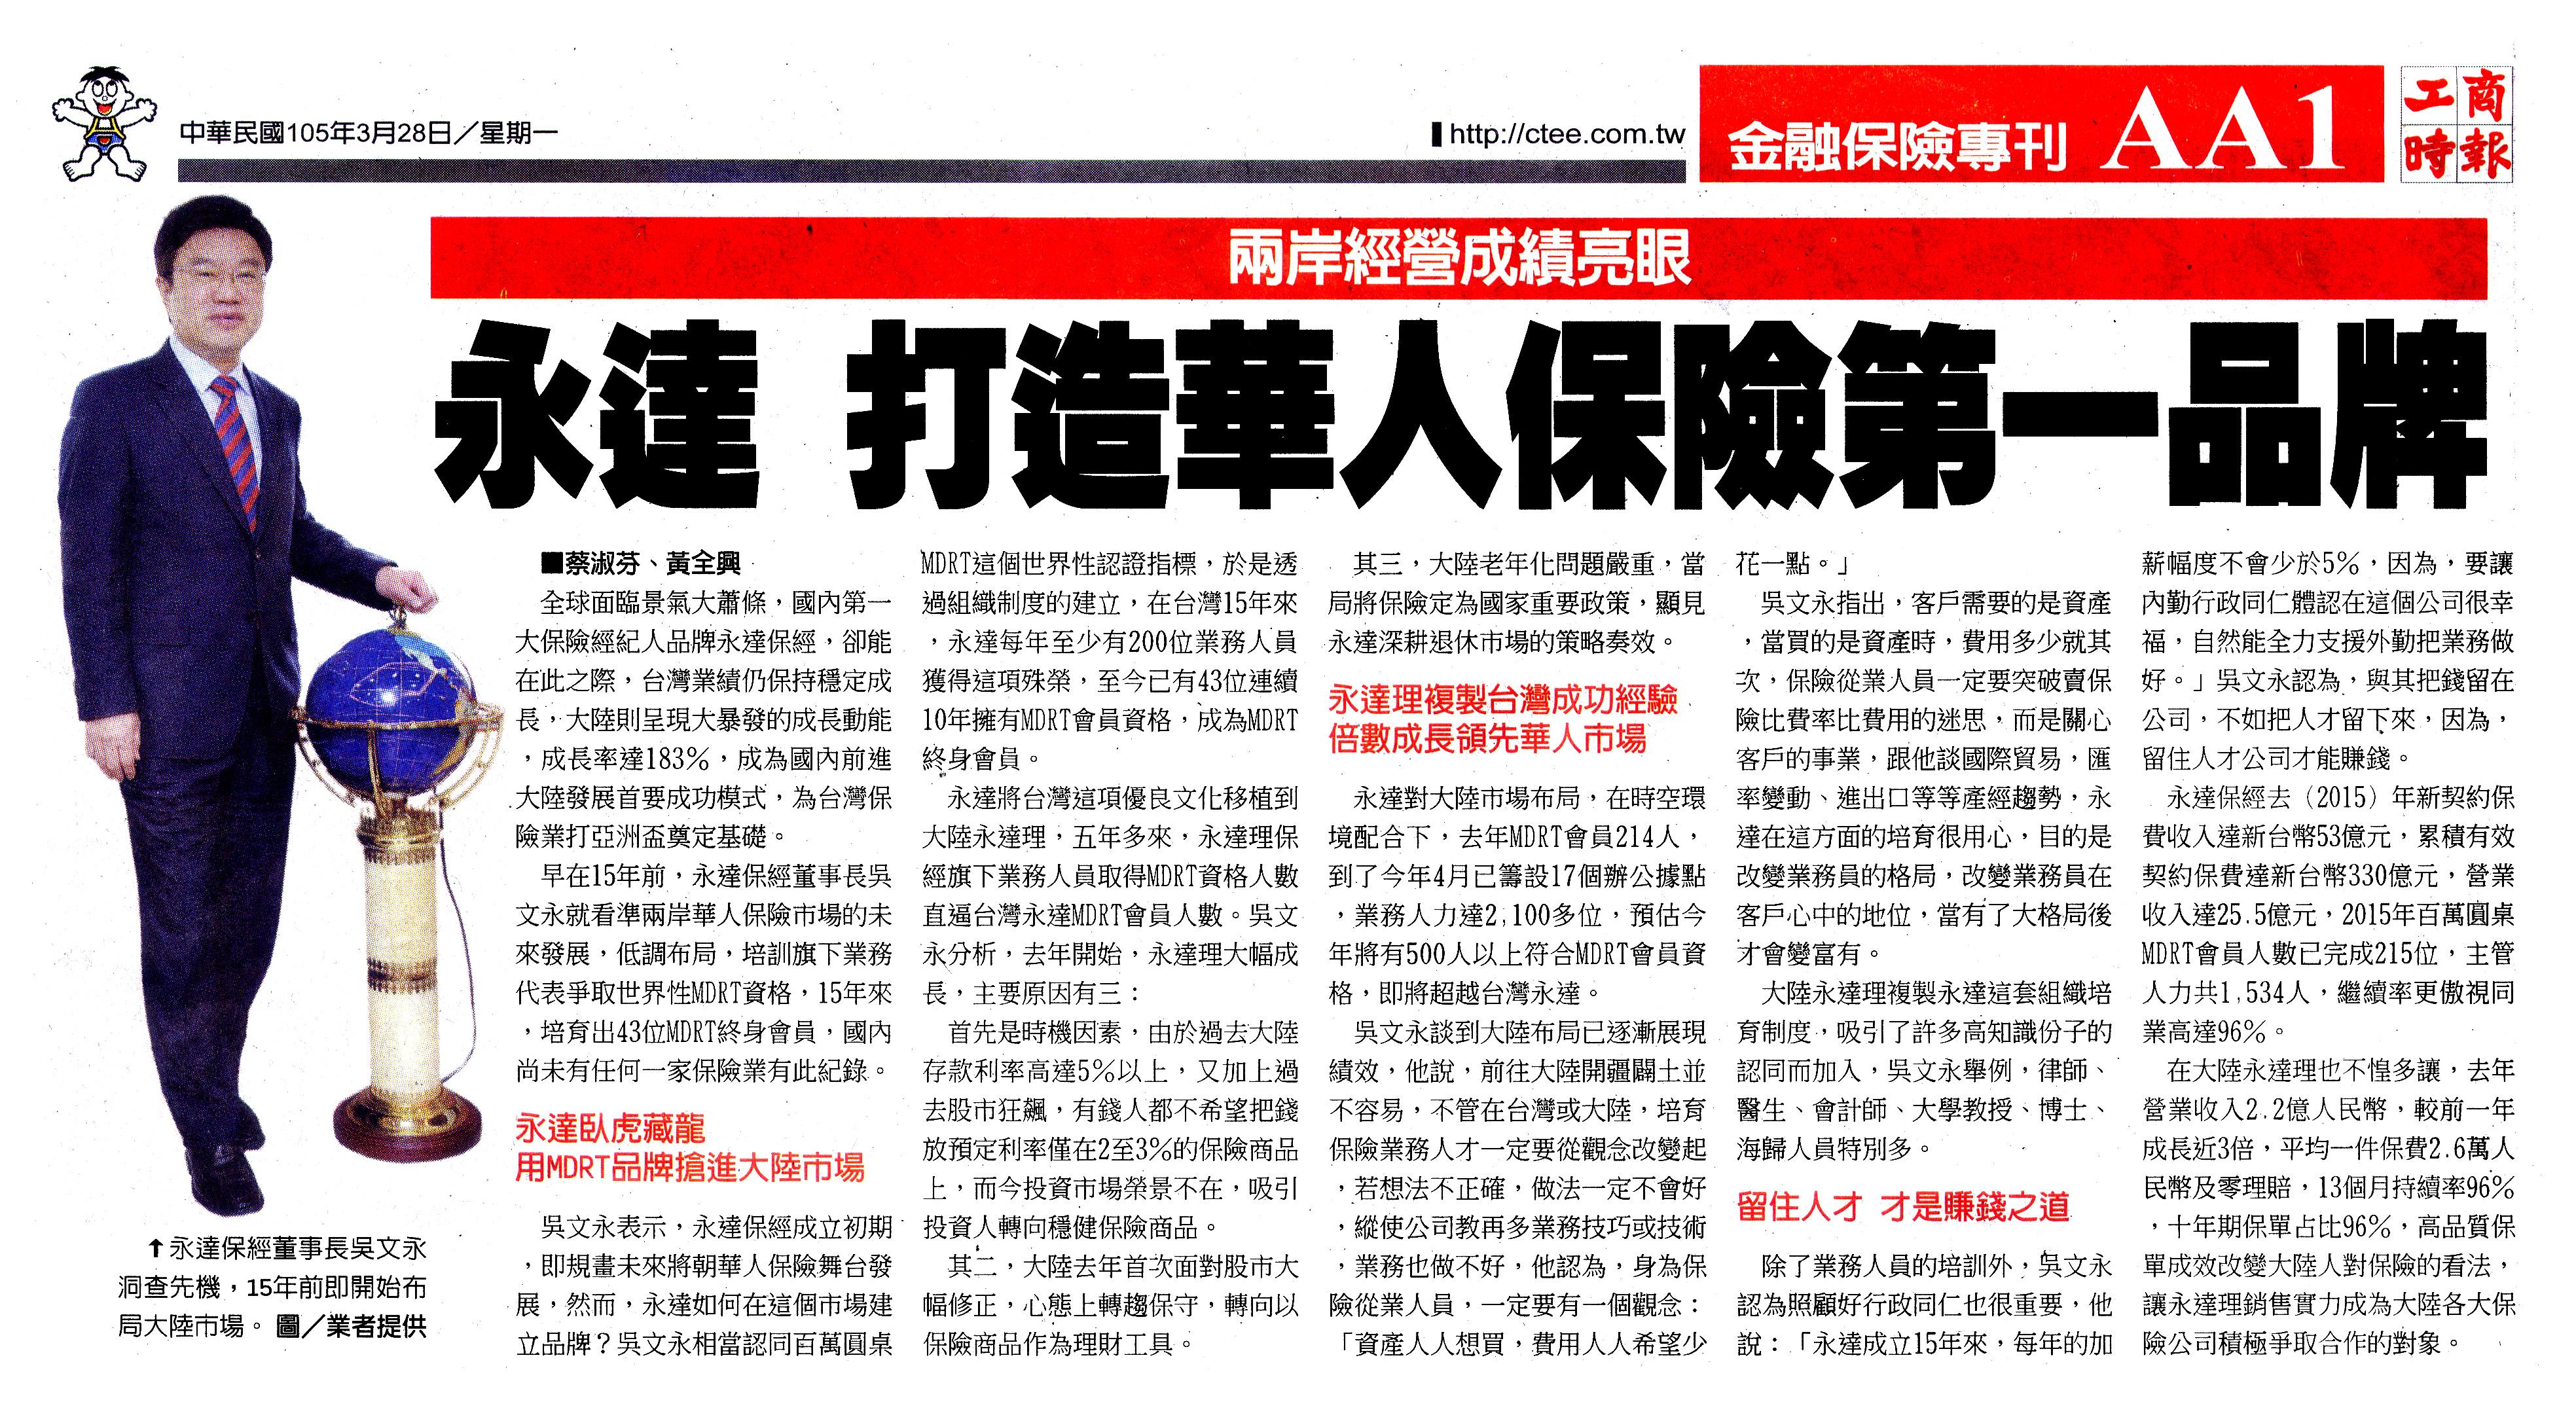 永達 打造華人保險第一品牌報導圖檔